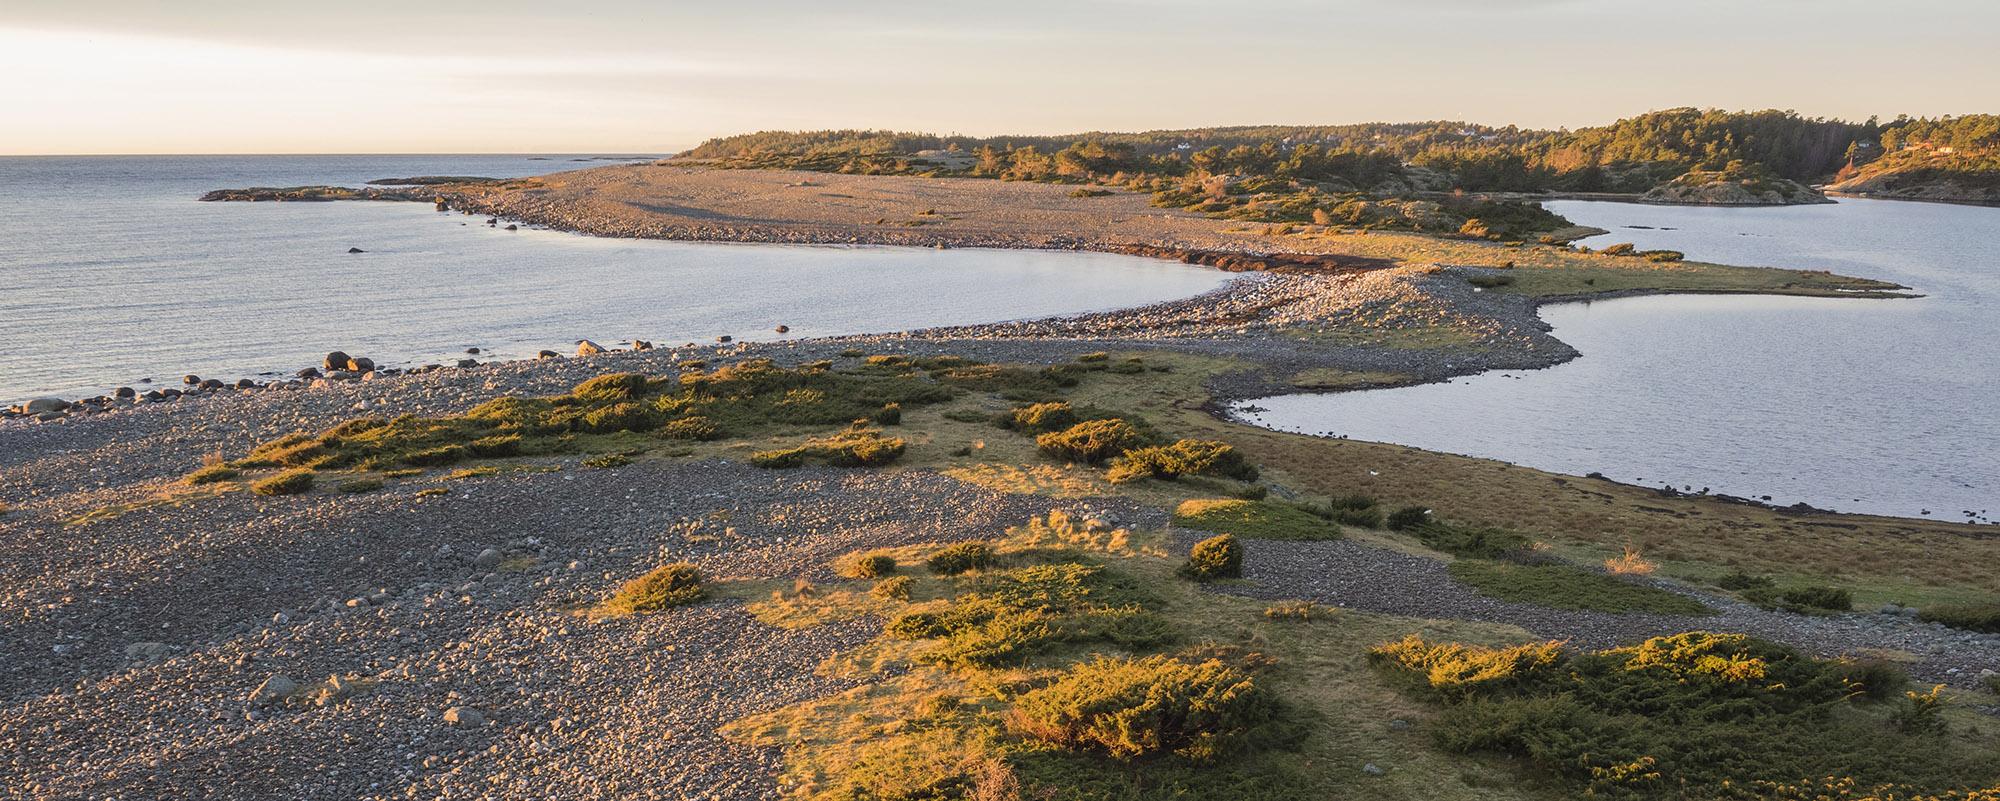 Tromlingene ligger på utsiden av Tromøy og er en viktig raste- og hekkeplass for fugl i Raet nasjonalpark. Foto: Øystein Paulsen